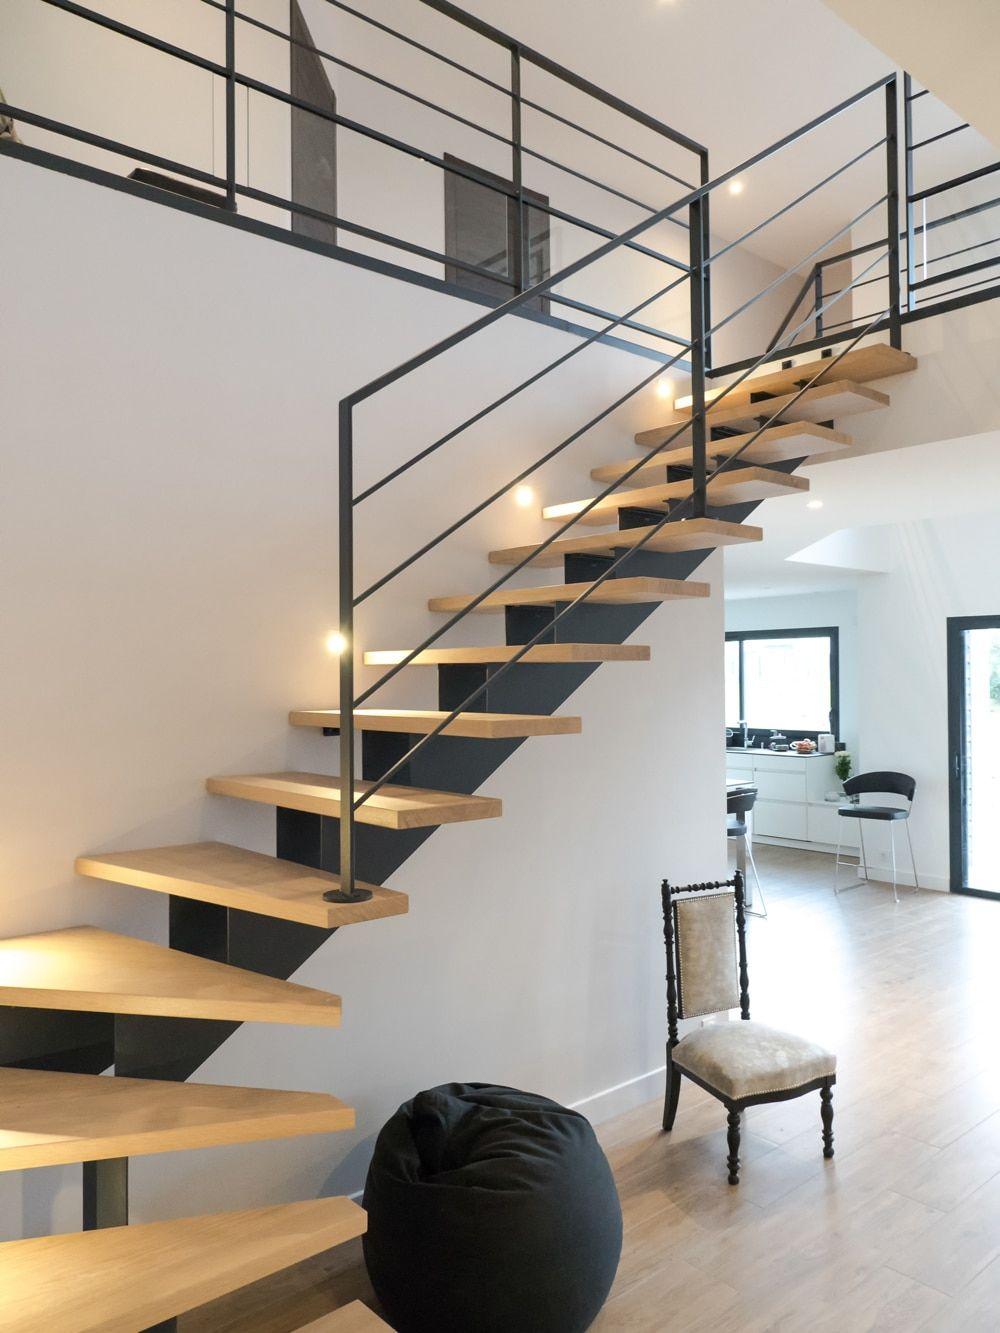 d u00e9couvrez cet escalier droit au design ultra moderne  de par sa conception originale  cet